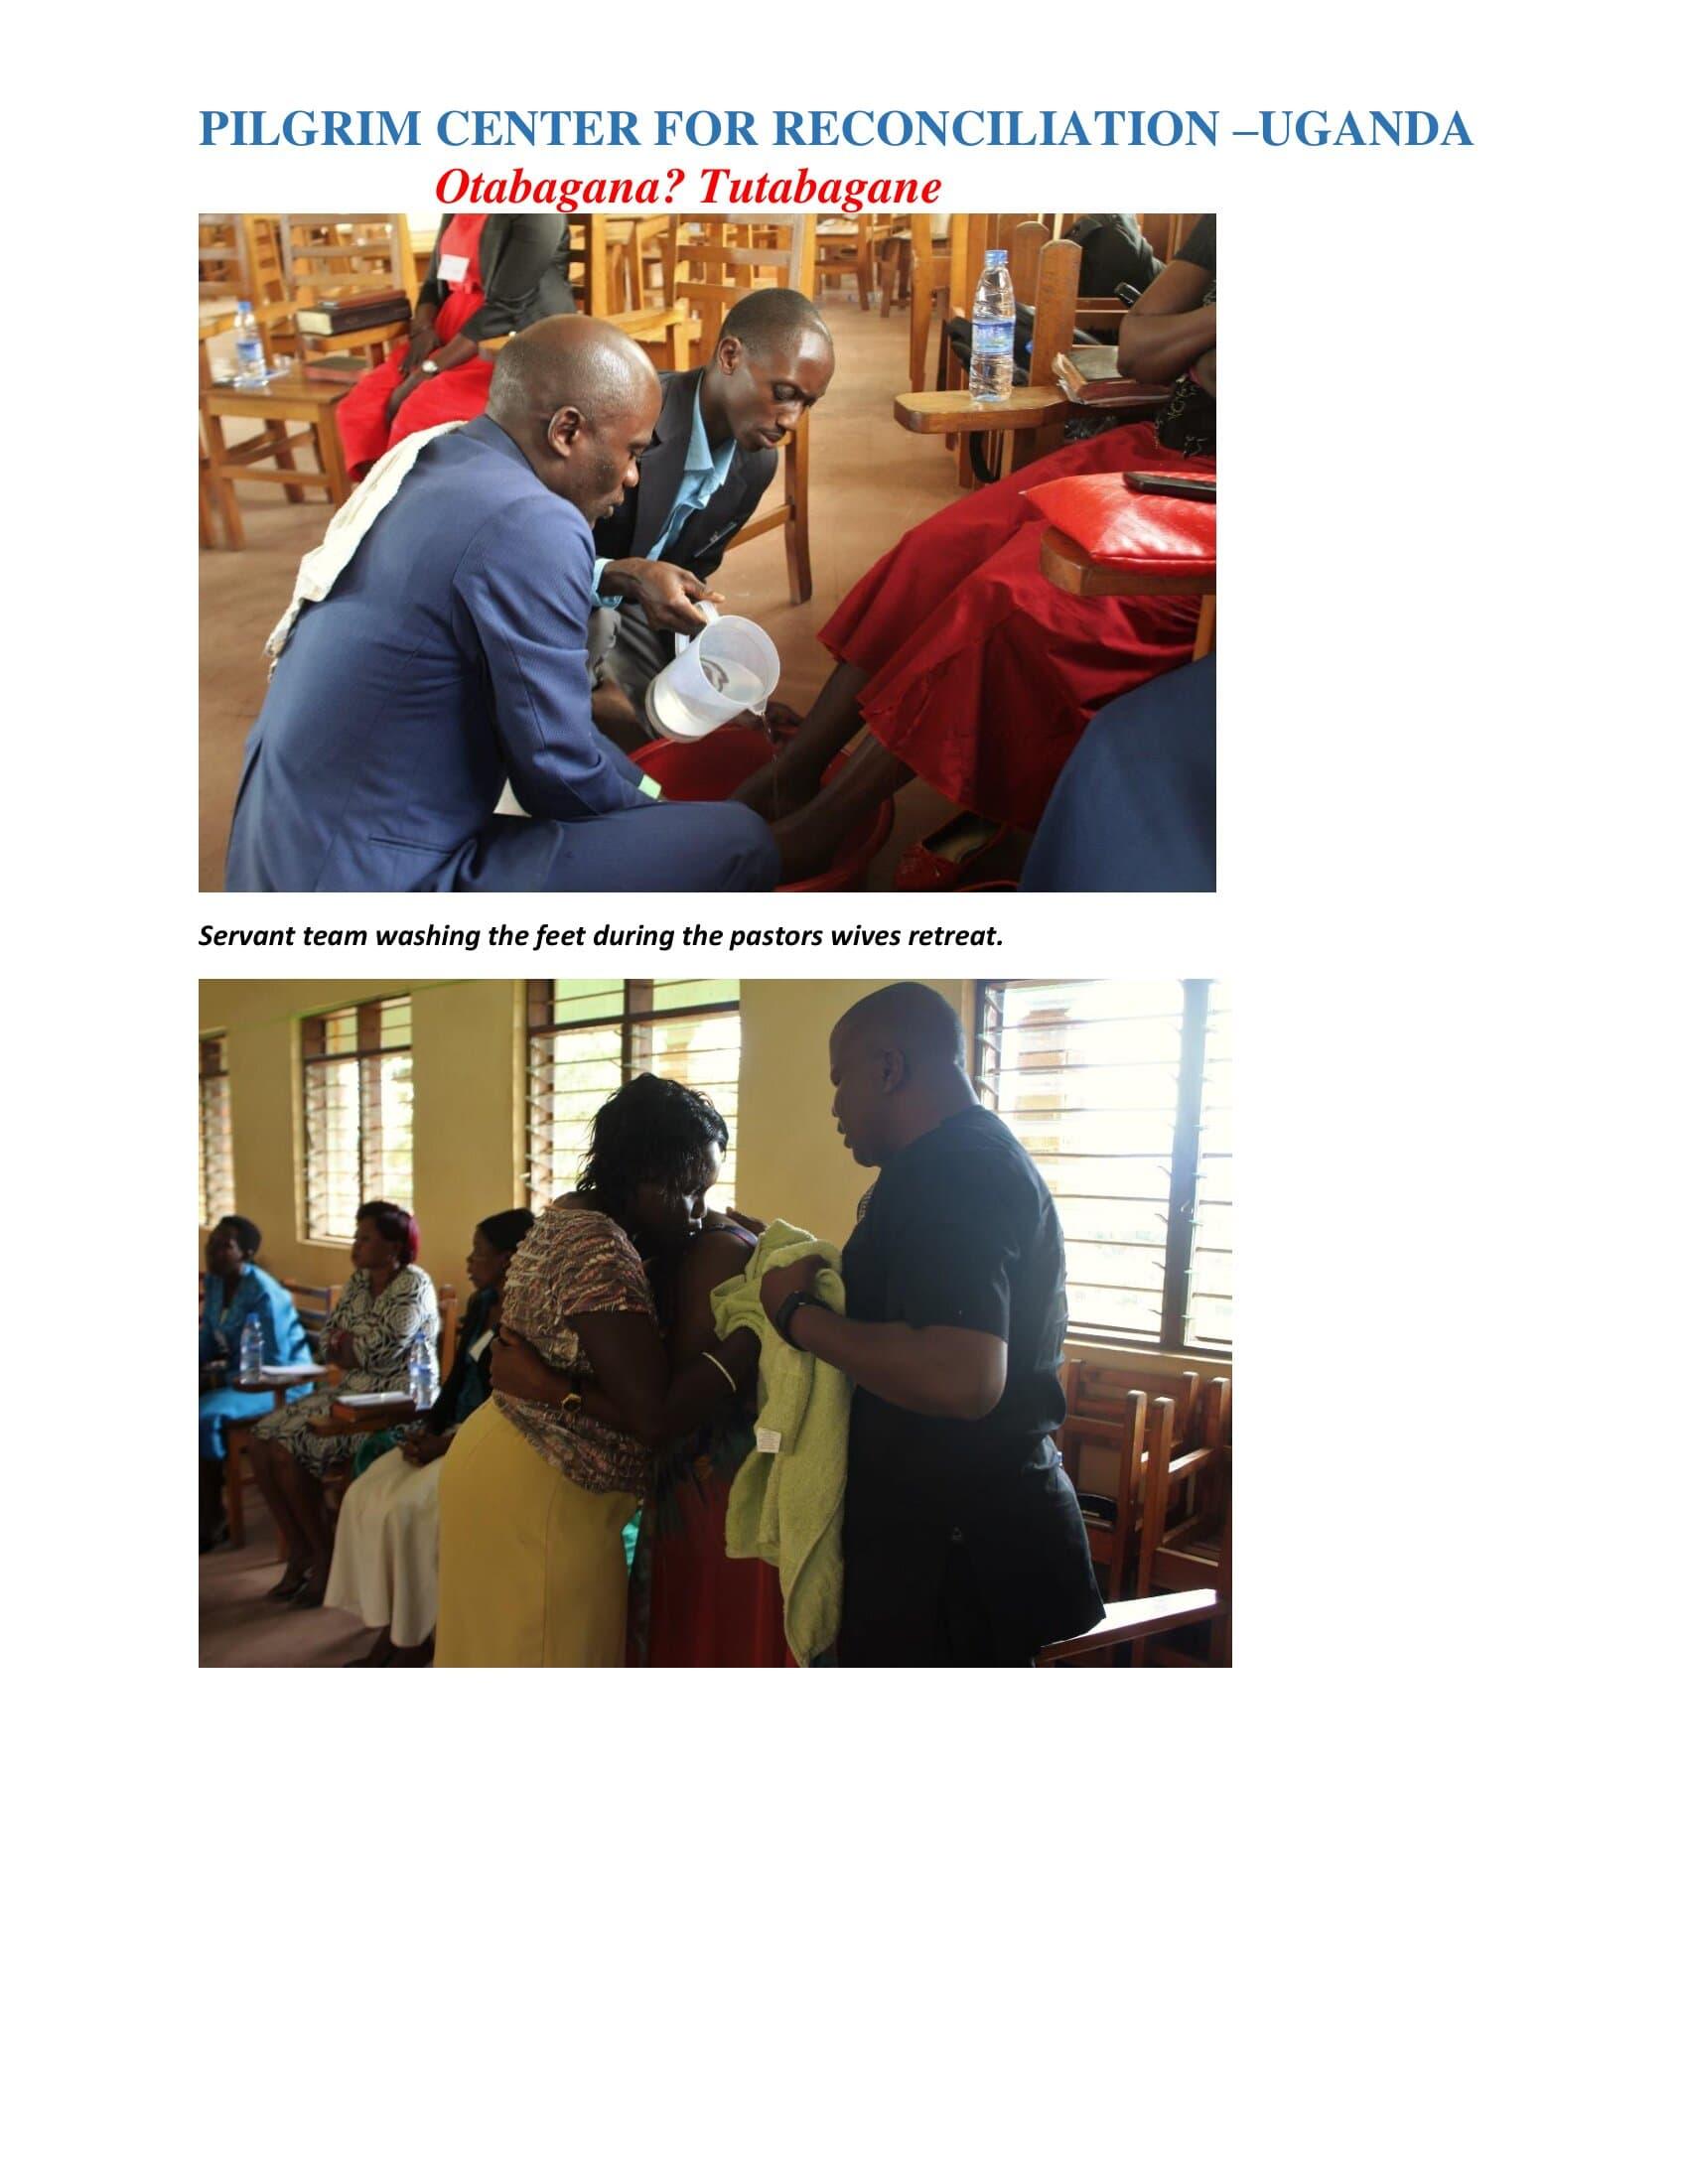 Pirigrim center for reconcilation -Uganda _0027-min